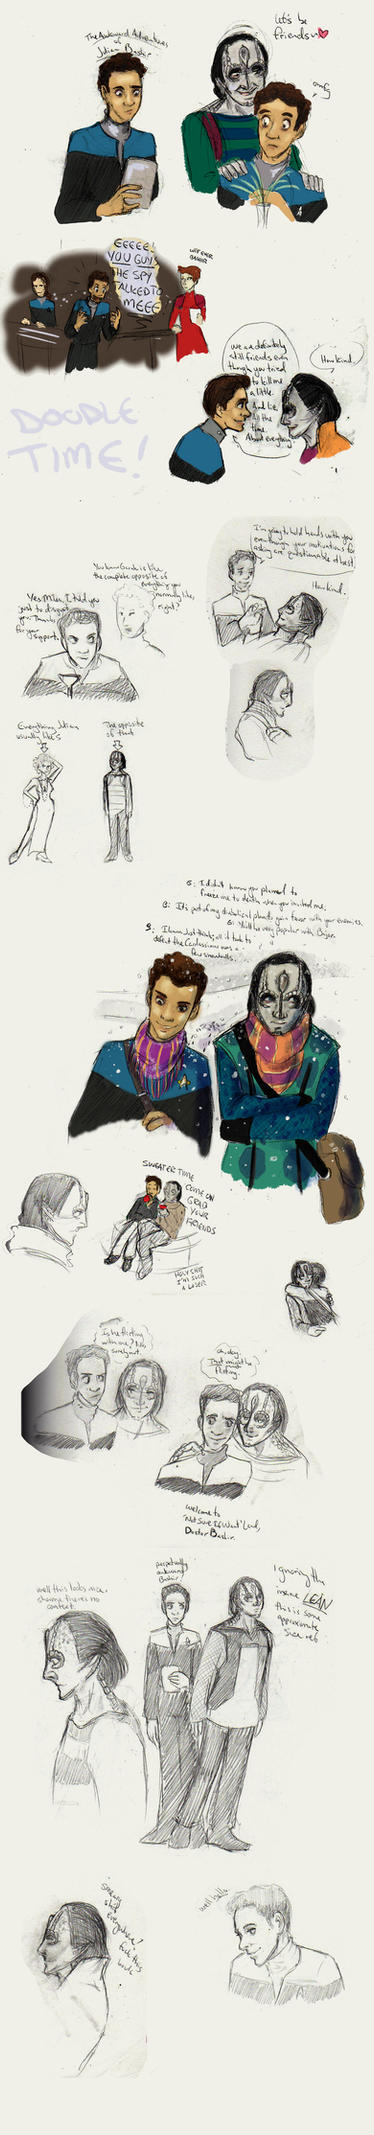 garak and bashir sketchbook adventures by ladyyatexel